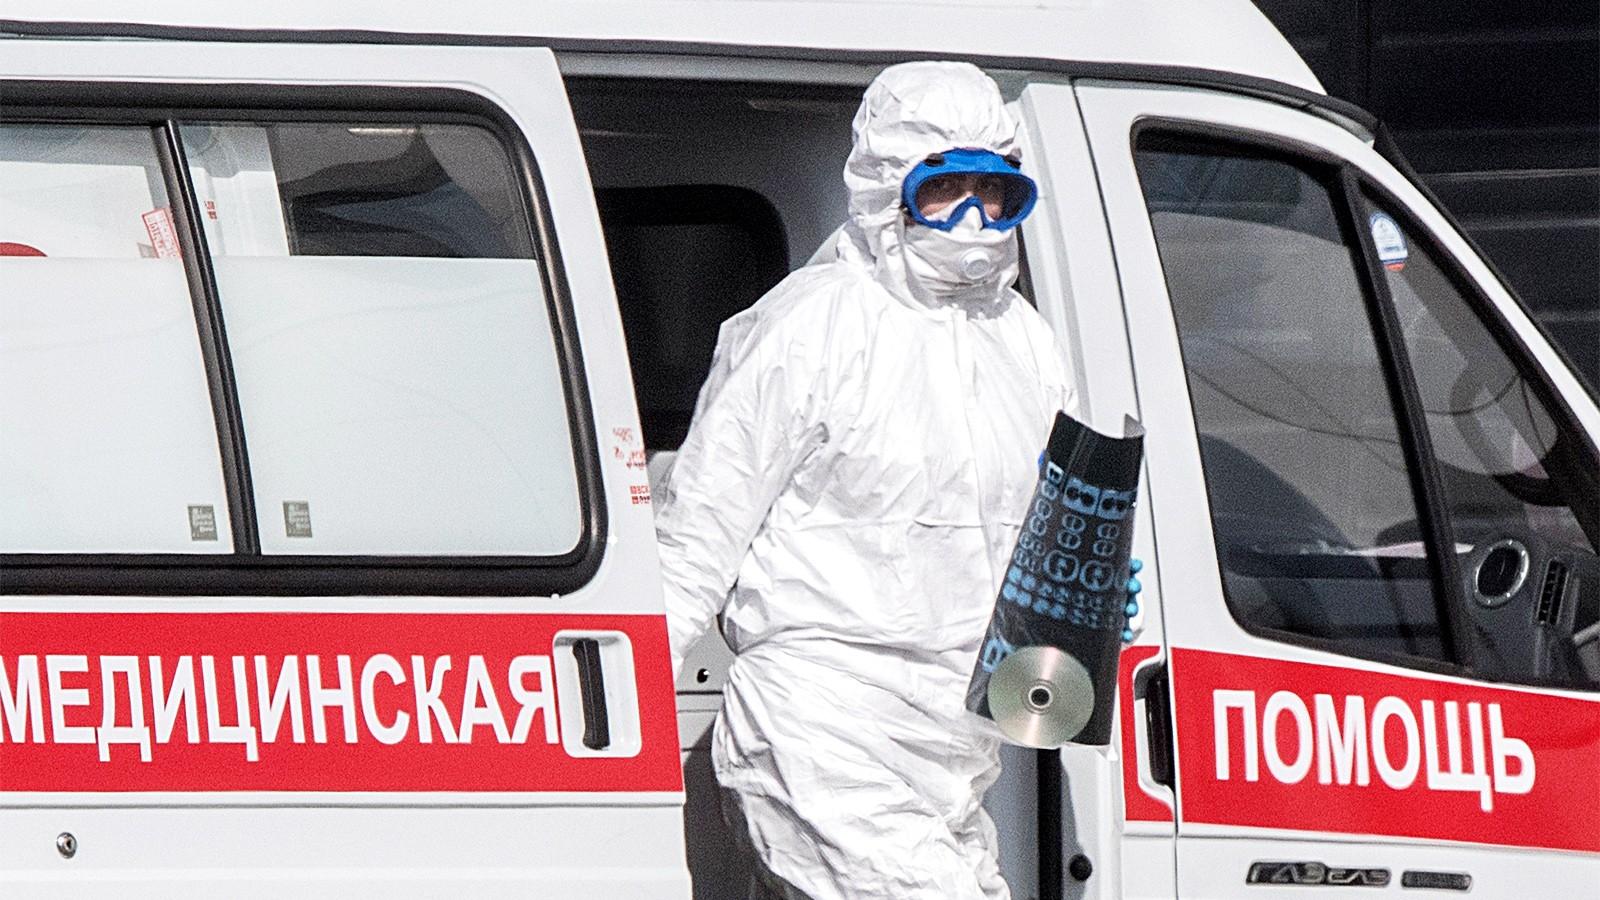 Кабмин РФ направил в Адыгею дополнительные деньги на выплаты врачам за COVID-19